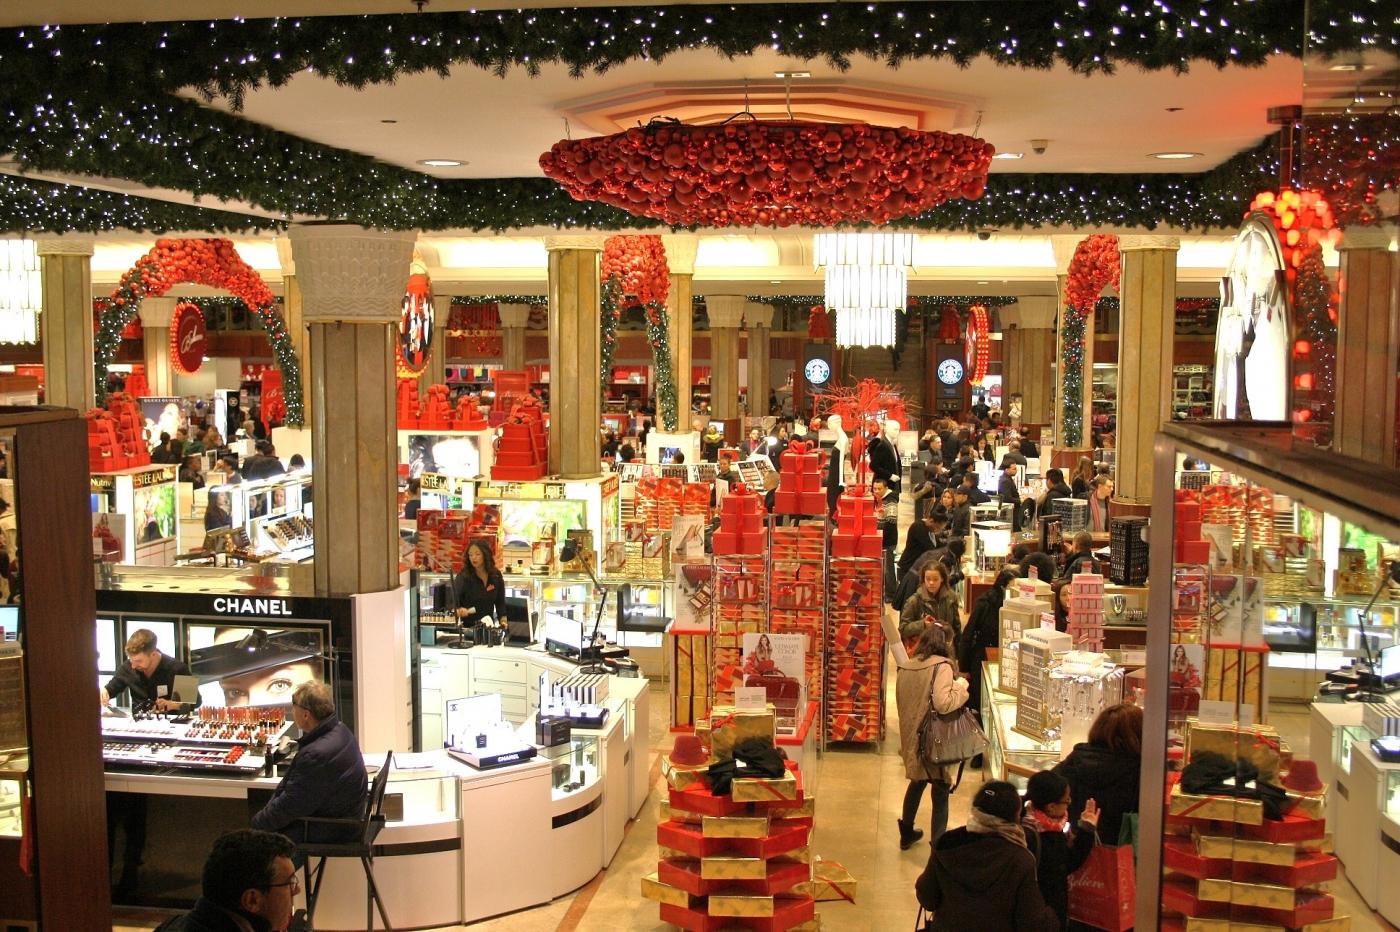 圣诞来临,感受快乐 - 祝大家圣诞快乐,新年快乐_图1-4